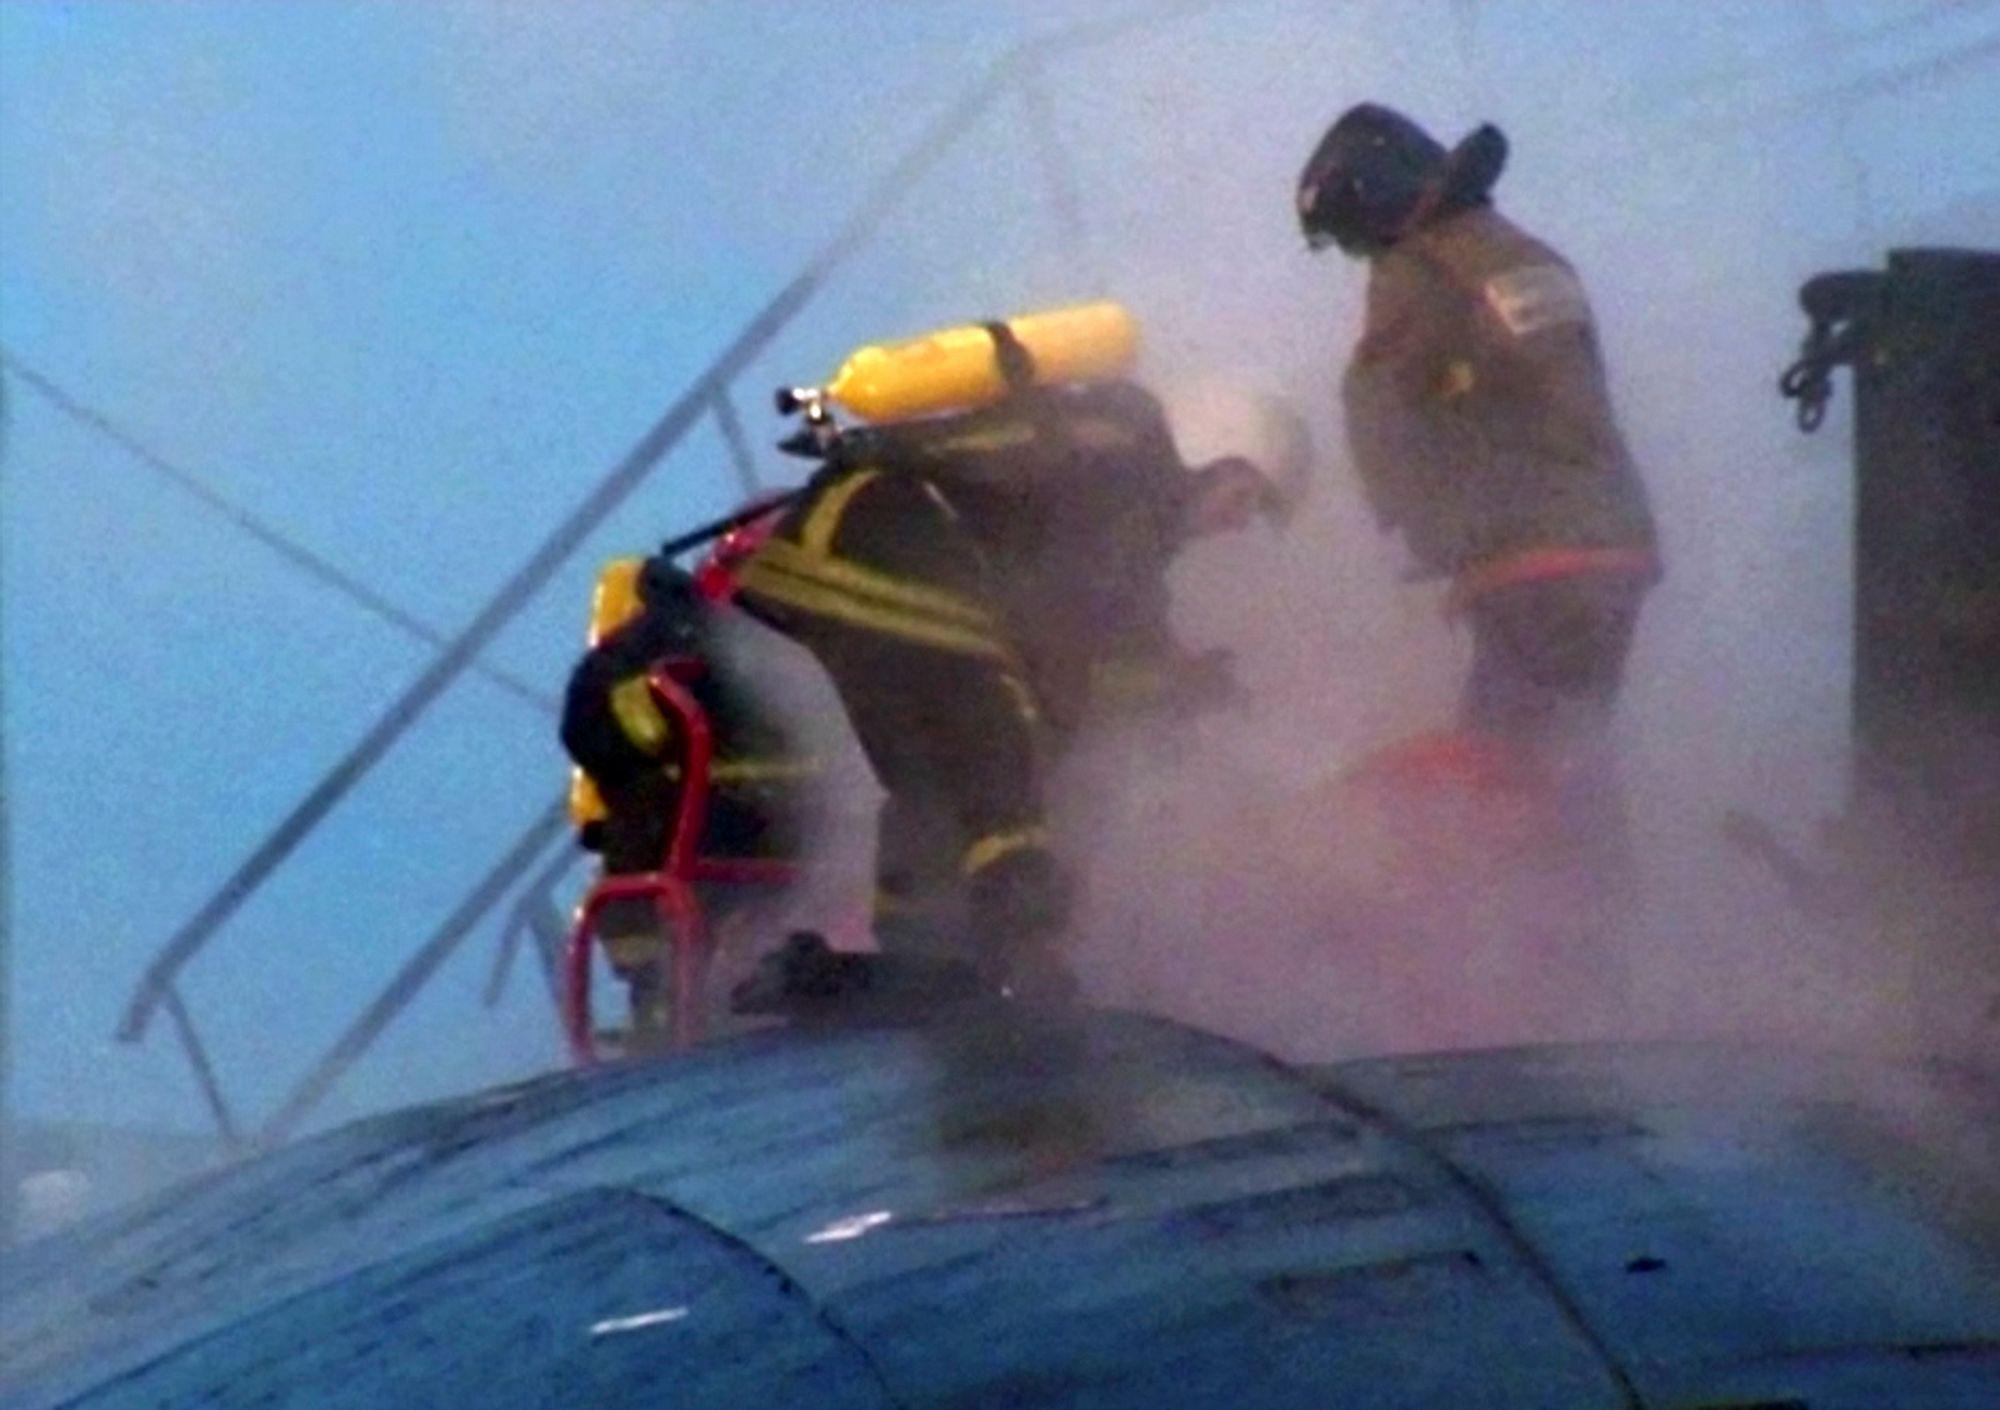 Beredskapen er for dårlig om det skulle skje større atomulykker på Kola, mener Barentssekretariatet etter brannen i en atomubåt i Murmansk.